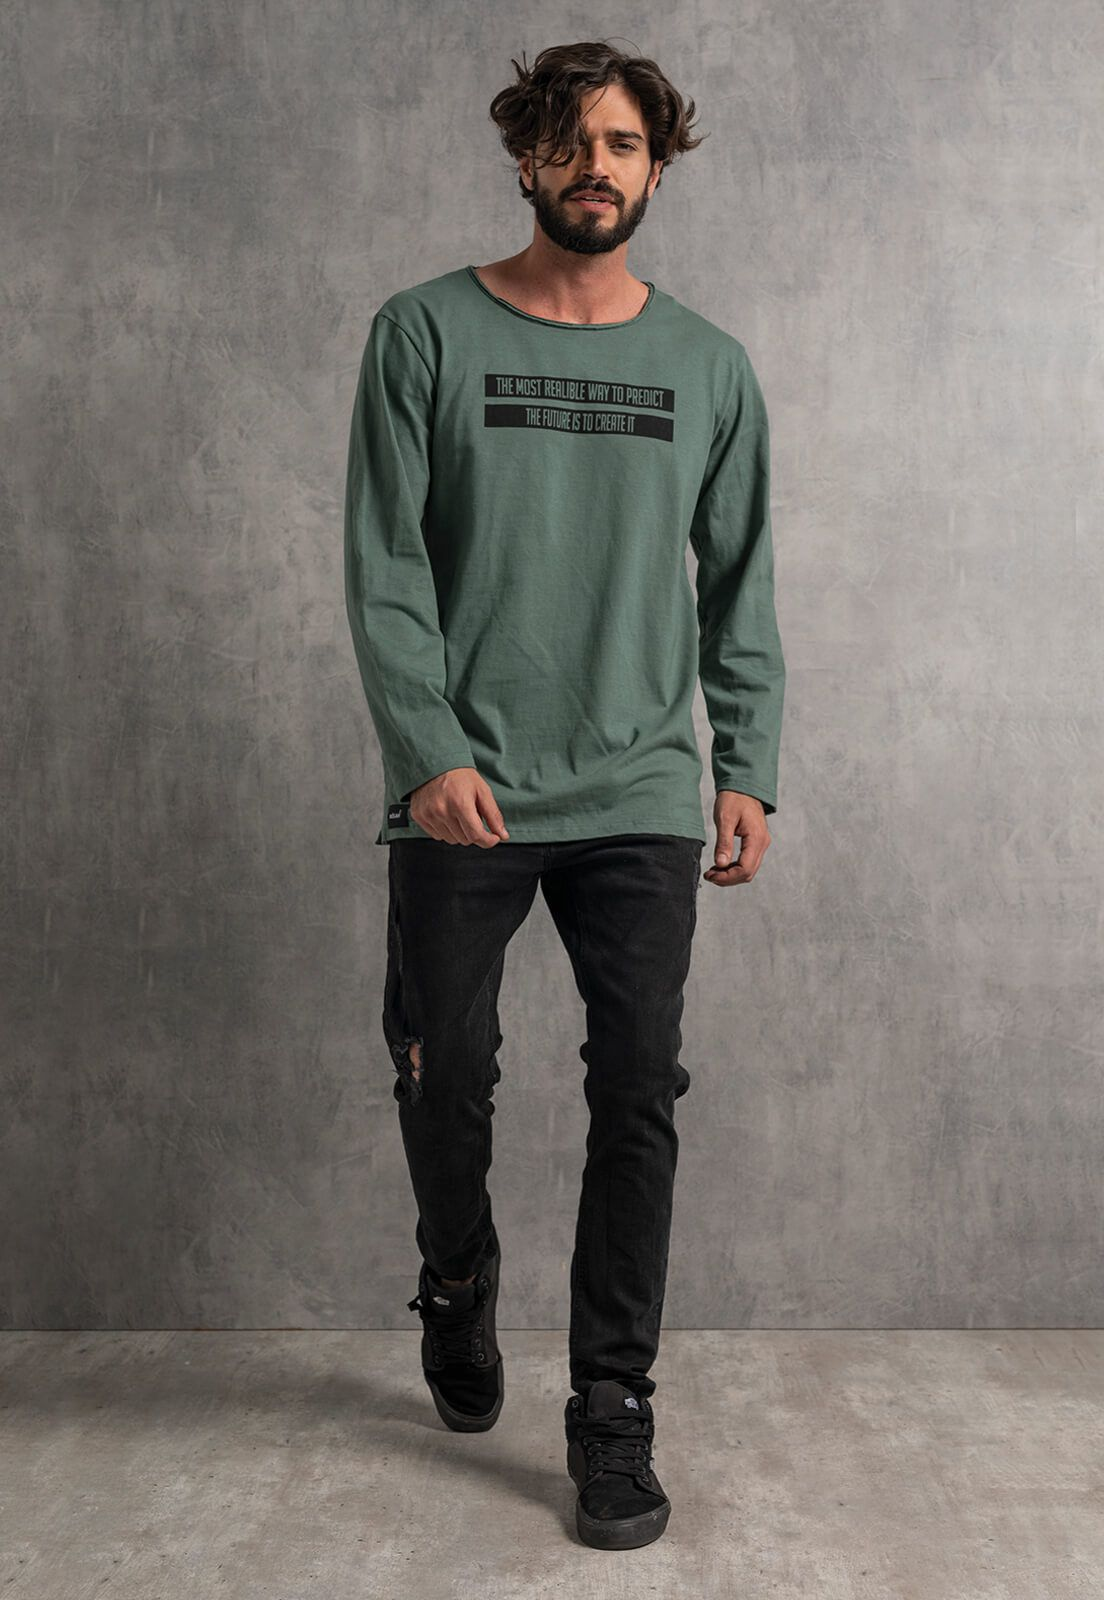 Camiseta Nogah Creat It Oversized Verde